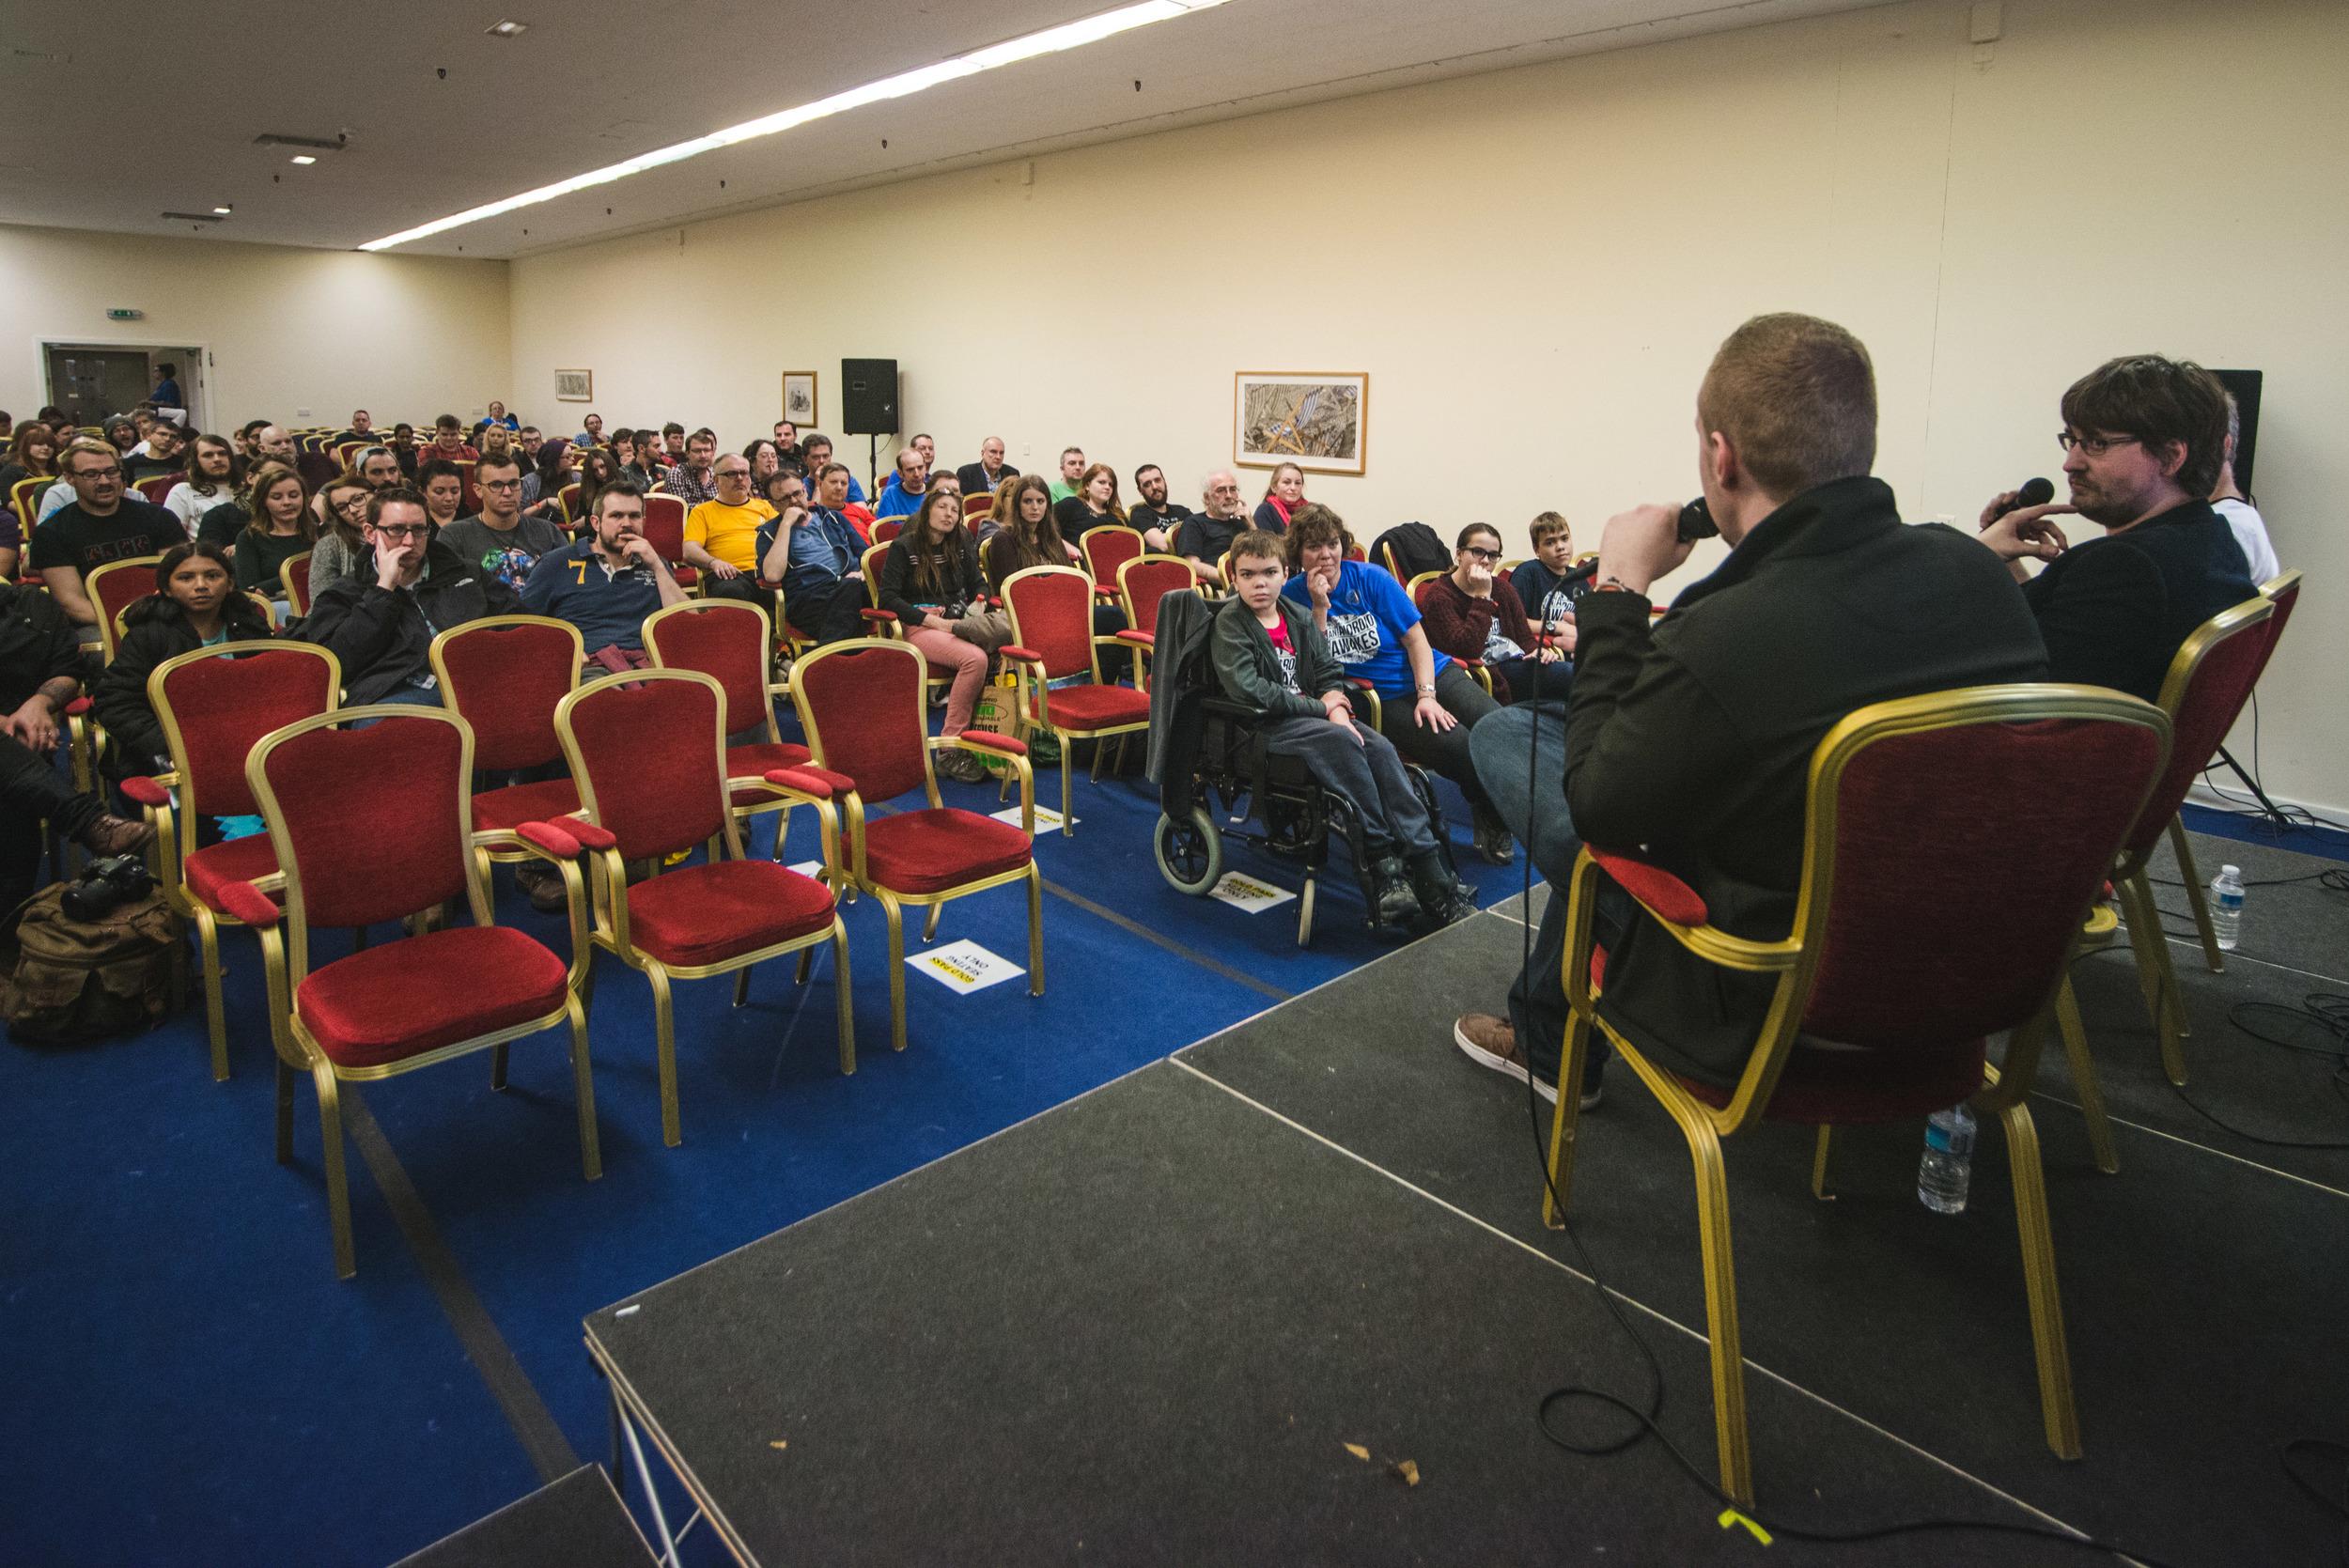 aaa-comic-con-launch-17.jpg